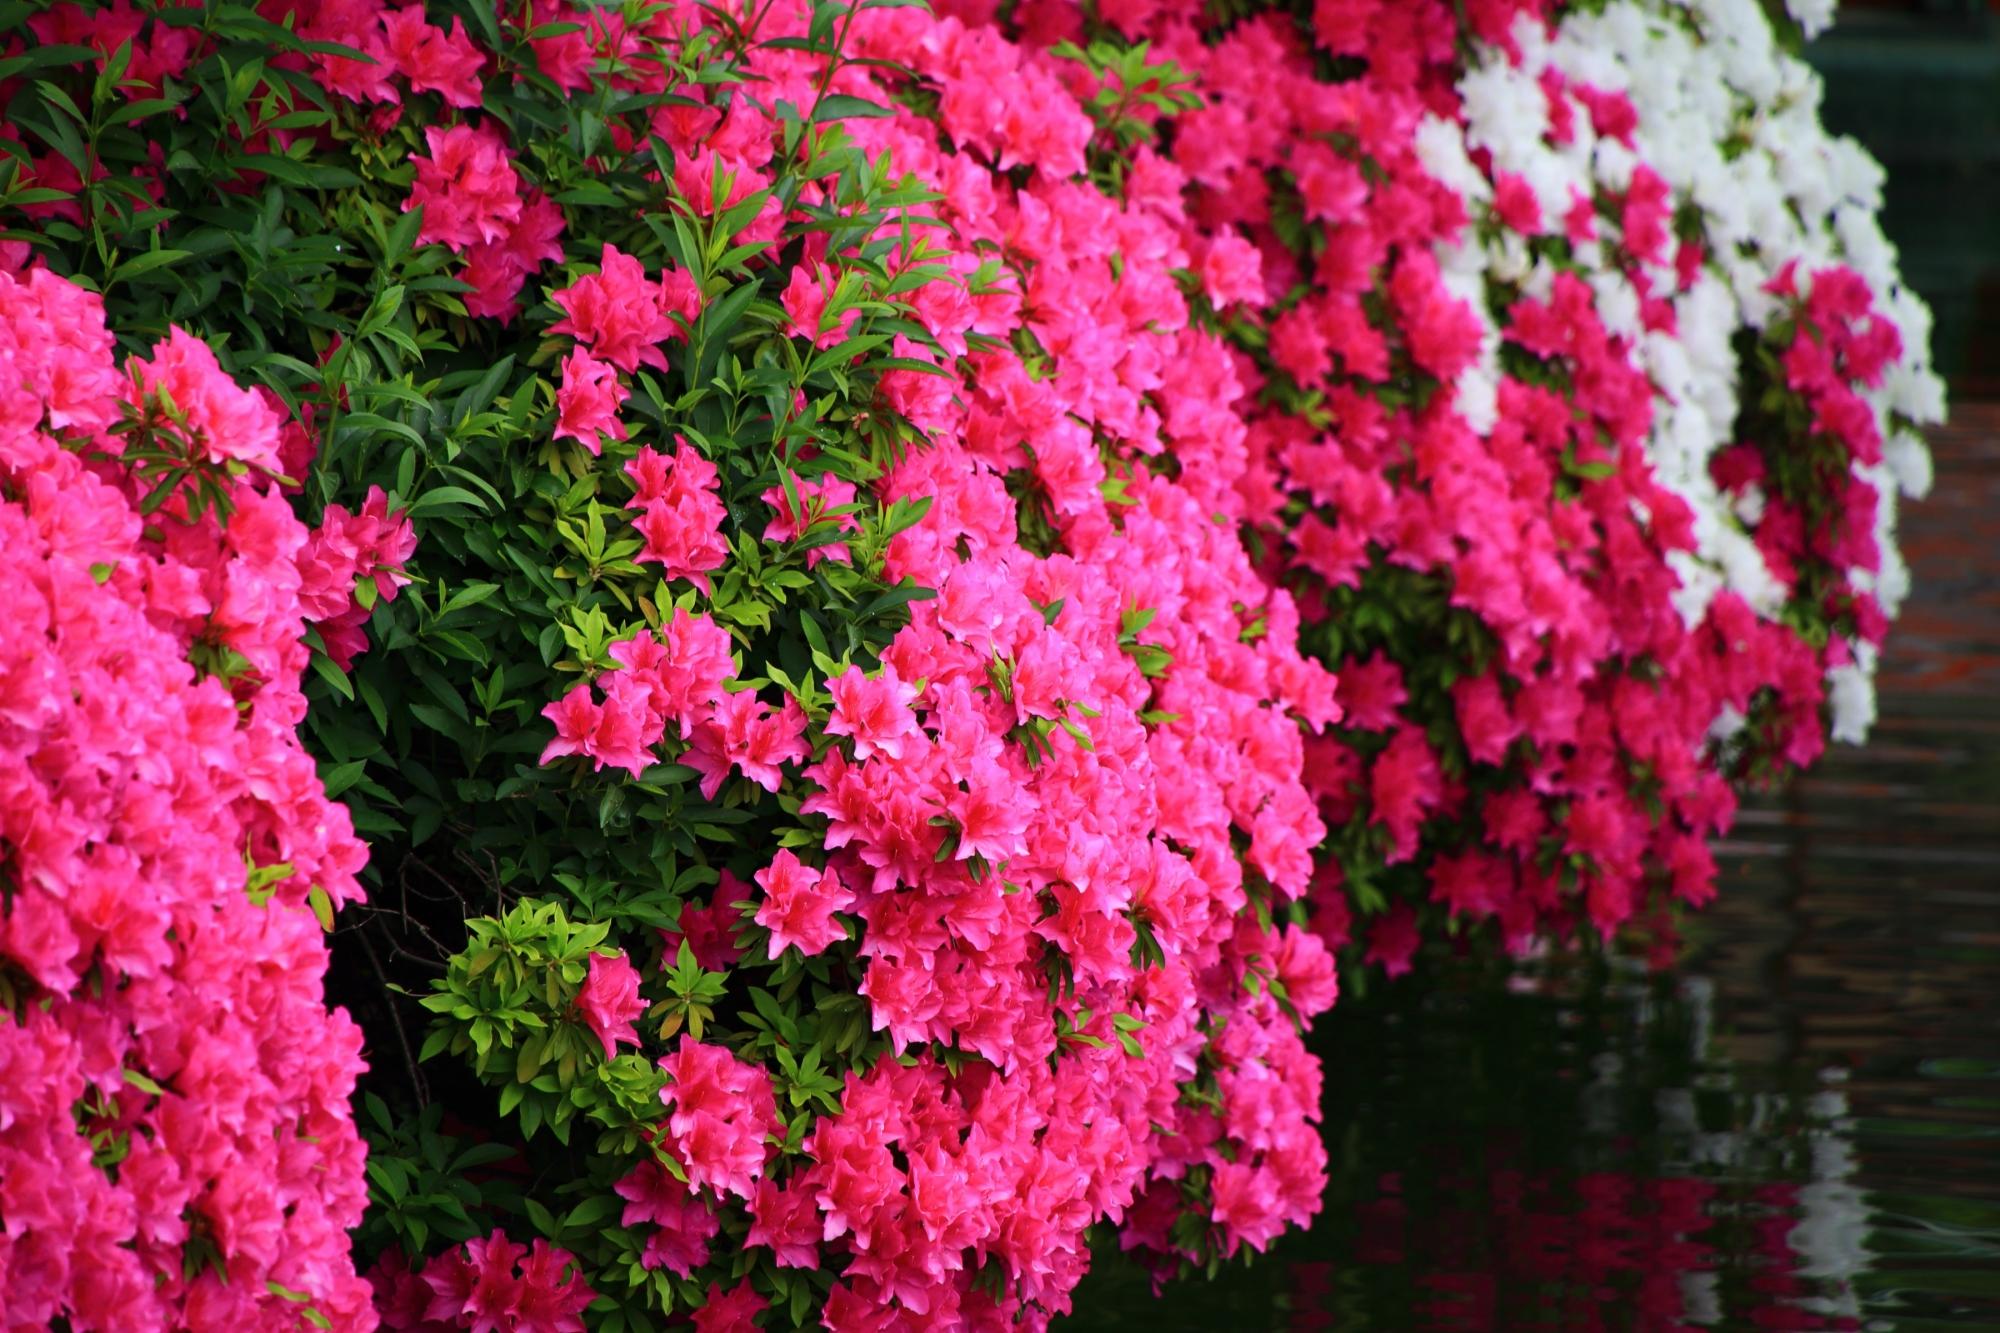 春の水辺を煌びやかに彩る多様なツツジの花